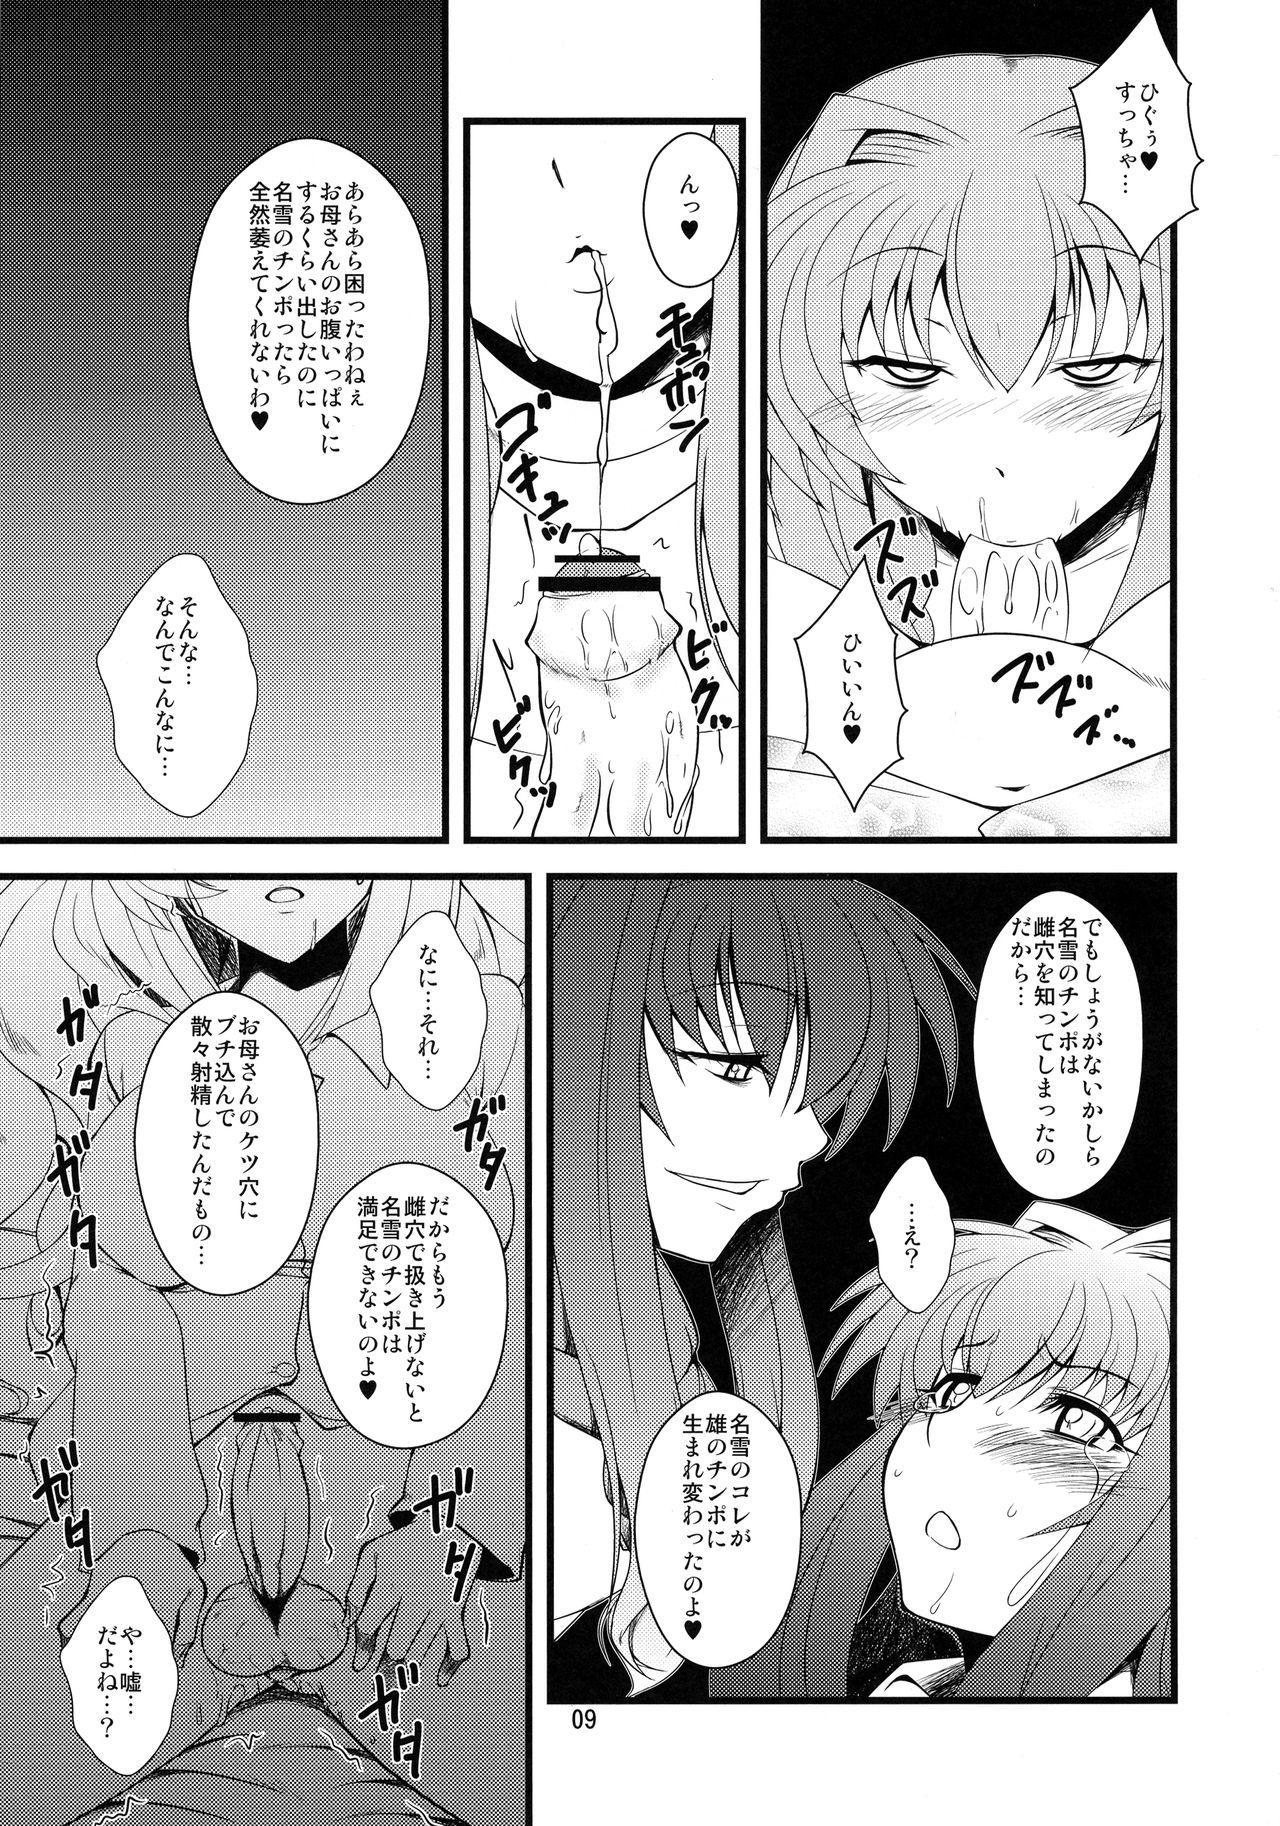 Kyouki Vol. 8 8